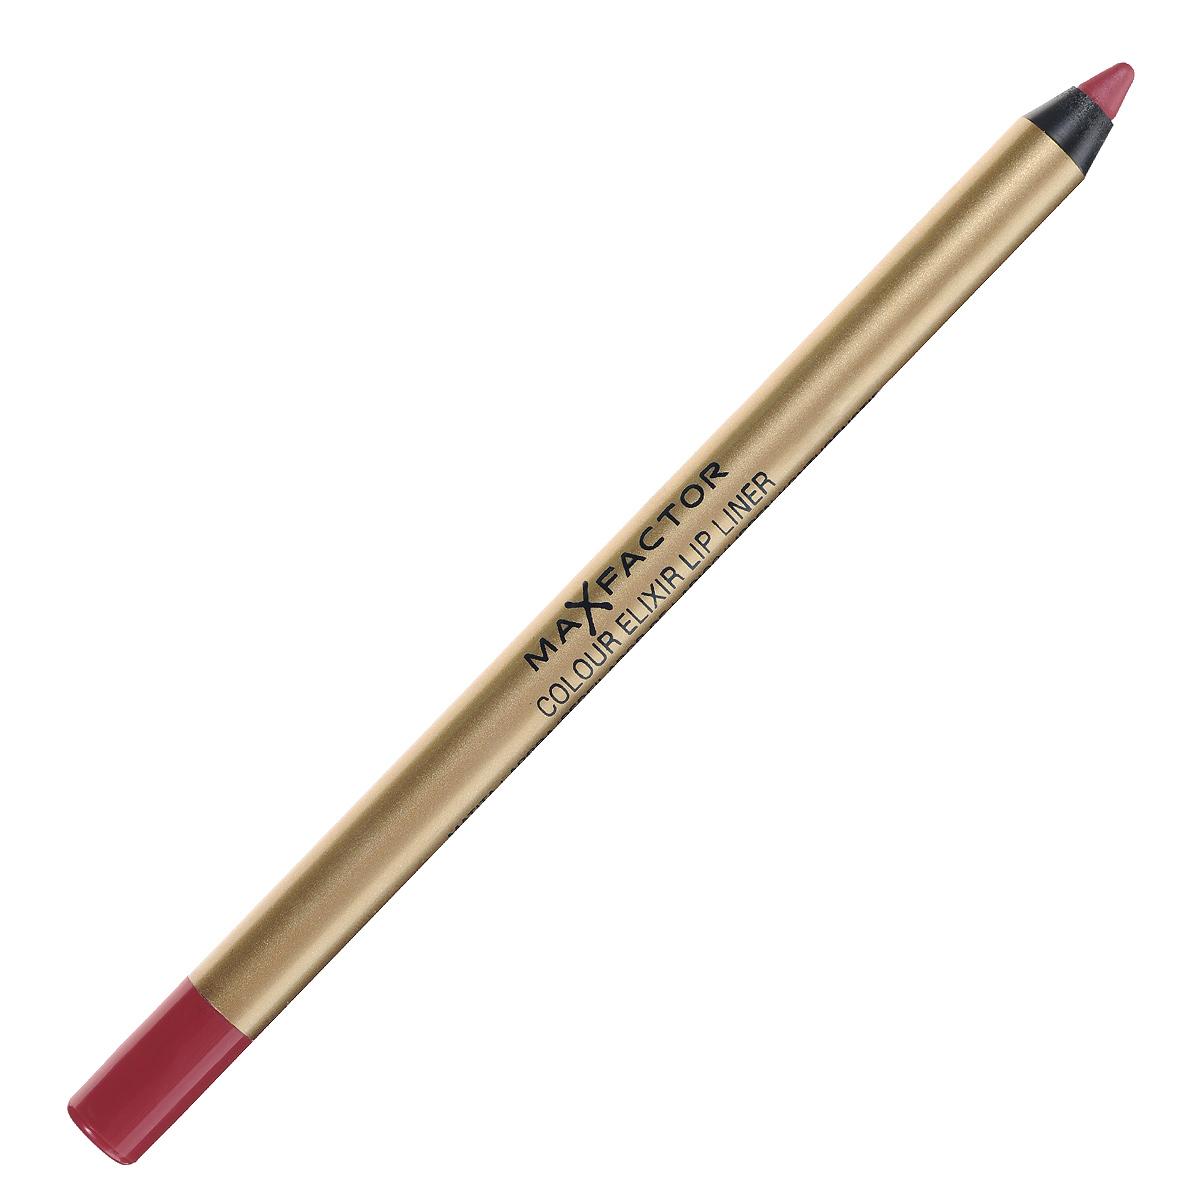 Max Factor Карандаш для губ Colour Elixir Lip Liner, тон №10 red rush, цвет: красный81440162Карандаш для губ Colour Elixir подчеркивает твои губы, придавая им форму. Роскошный цвет и увлажнение для мягких и гладких губ. Оттенки подходят к палитре помады Colour Elixir. Легко наносится. Товар сертифицирован.